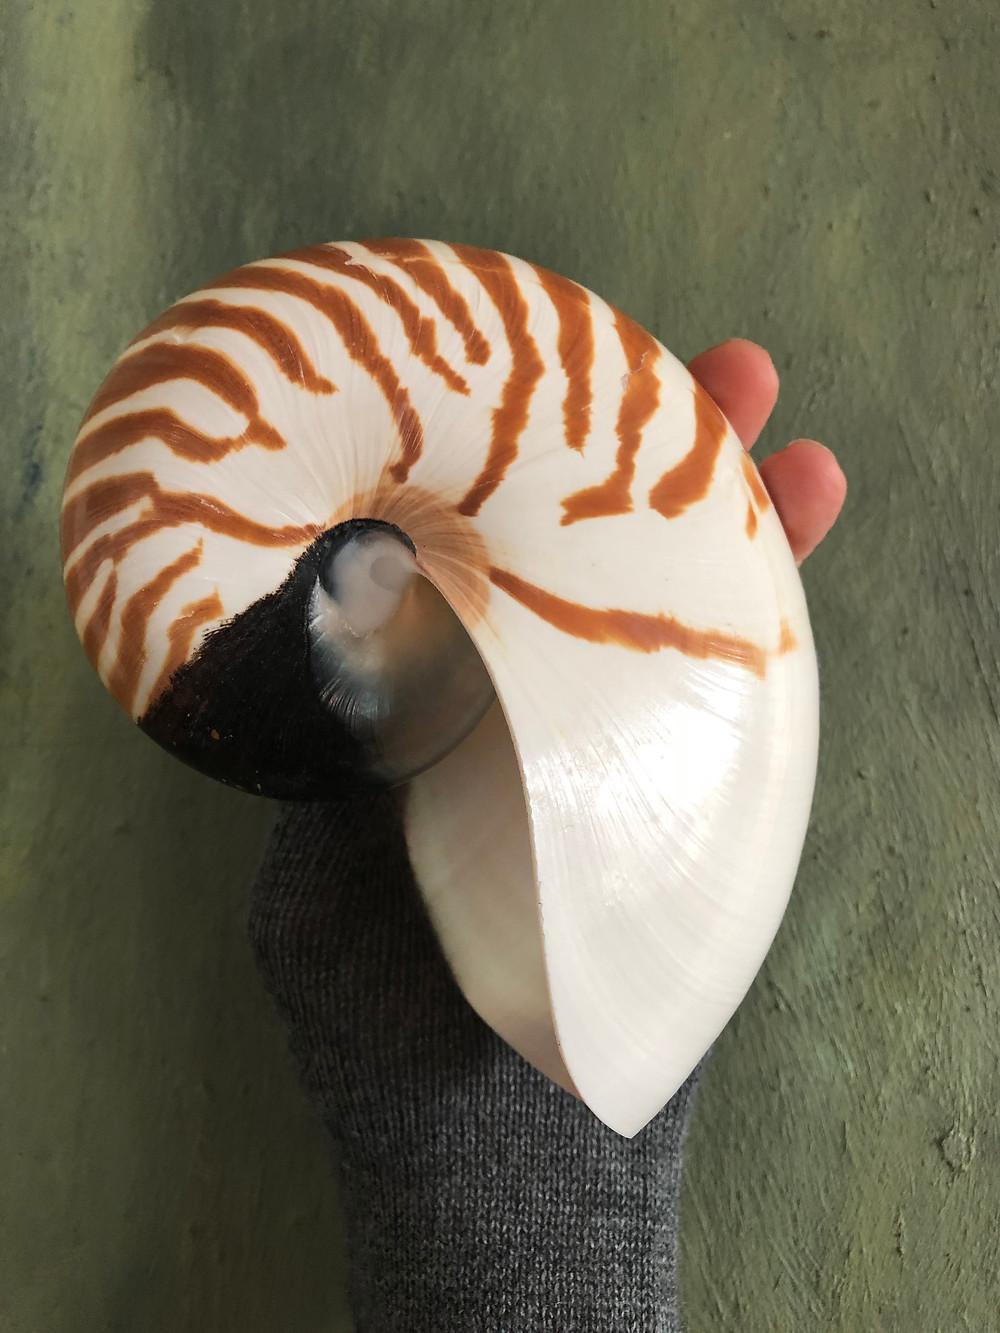 a natural chambered nautilus shell